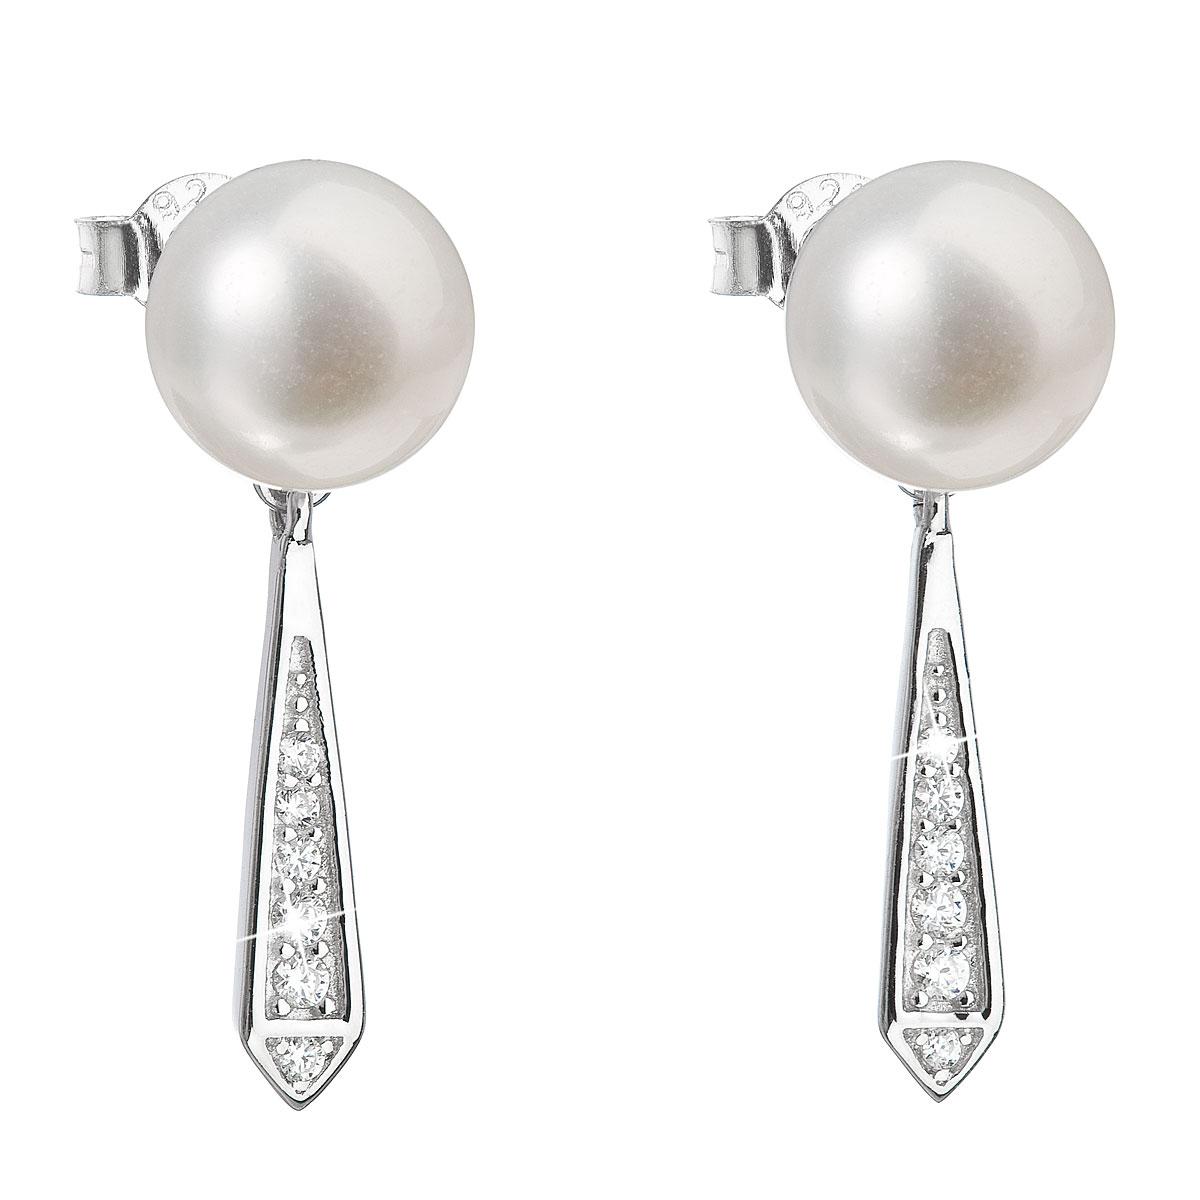 Evolution Group Stříbrné náušnice visací s bílou říční perlou 21036.1